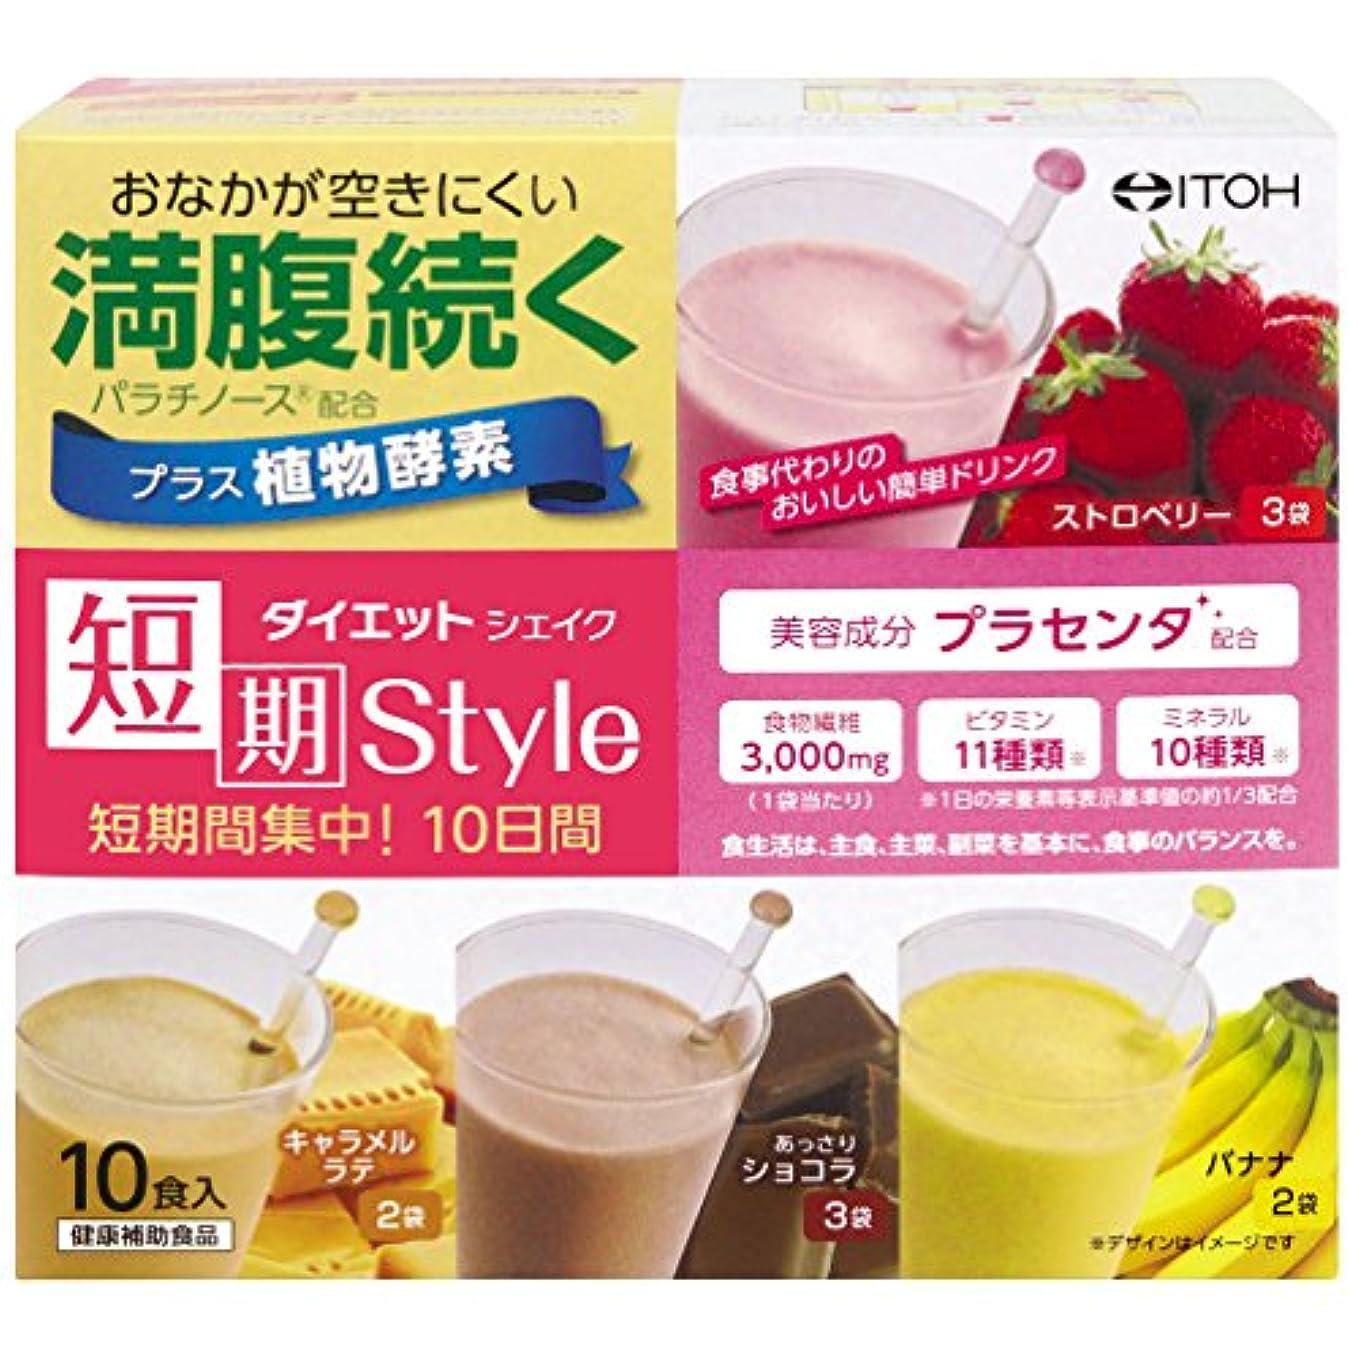 扱いやすい差別化する対角線井藤漢方製薬 短期スタイル ダイエットシェイク 10食分 25gX10袋